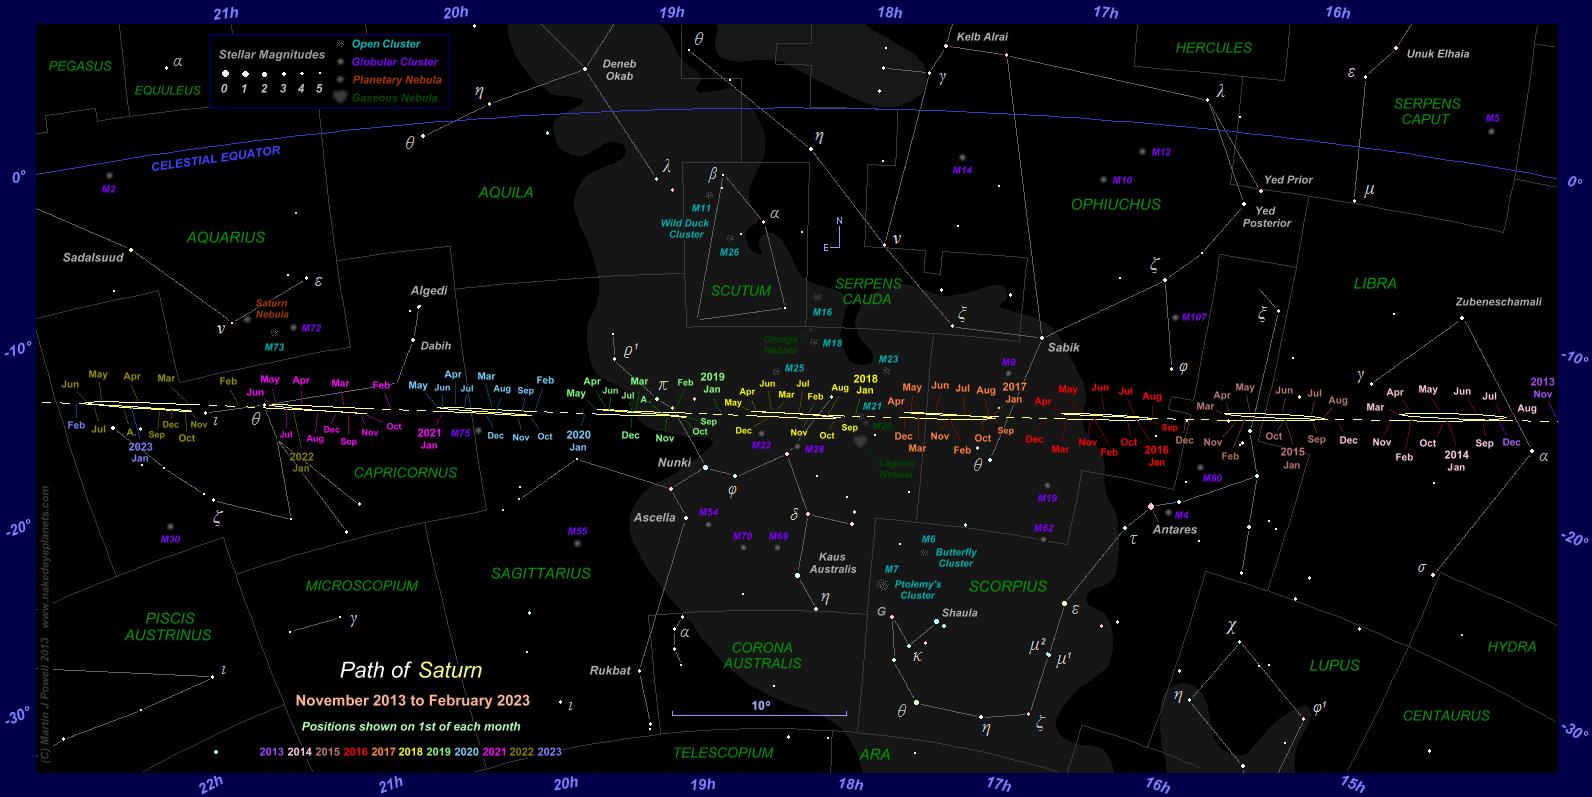 Posiciones Saturno